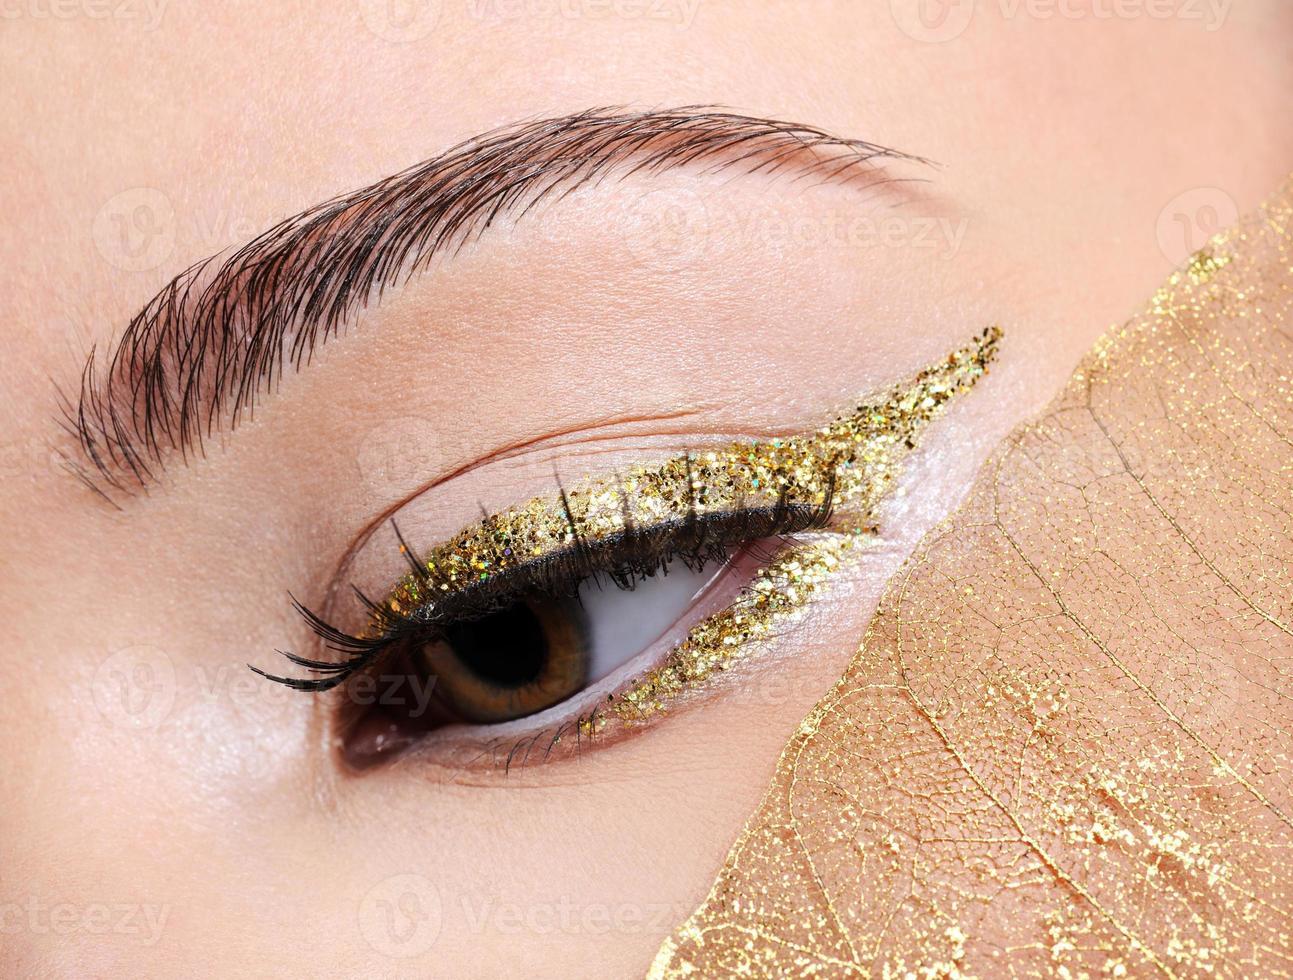 trucco dell'occhio alla moda d'oro foto